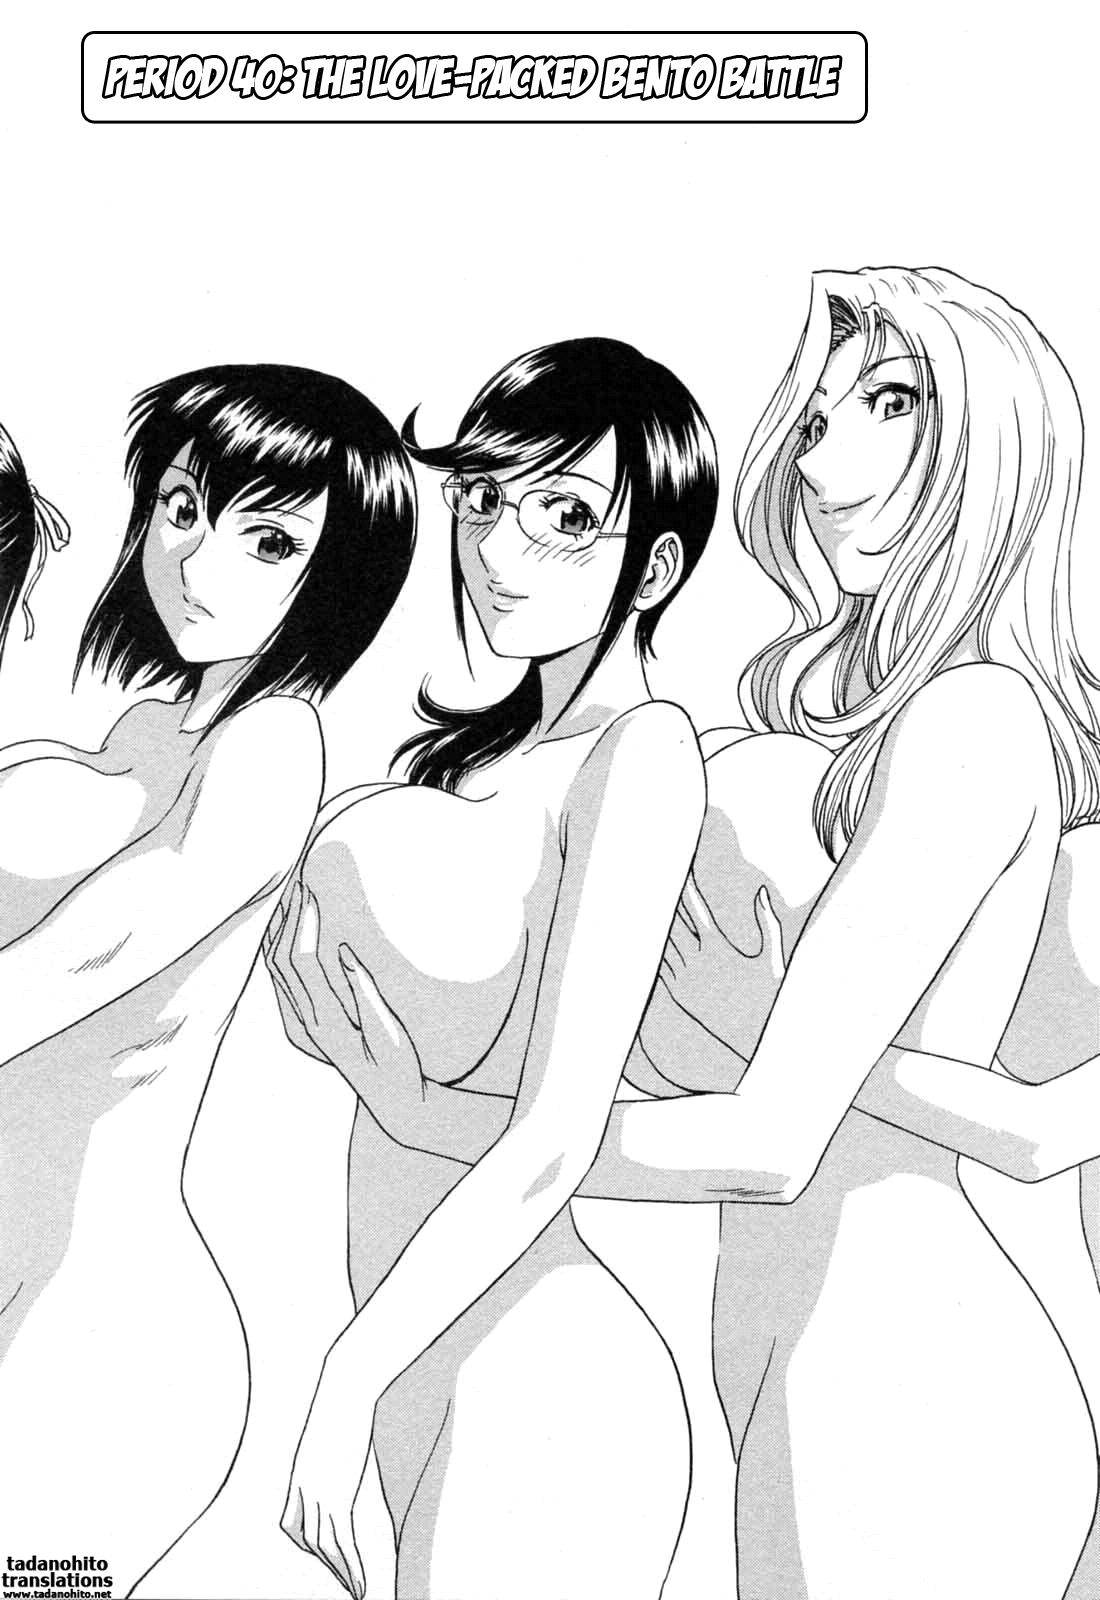 [Hidemaru] Mo-Retsu! Boin Sensei (Boing Boing Teacher) Vol.5 [English] [4dawgz] [Tadanohito] 72